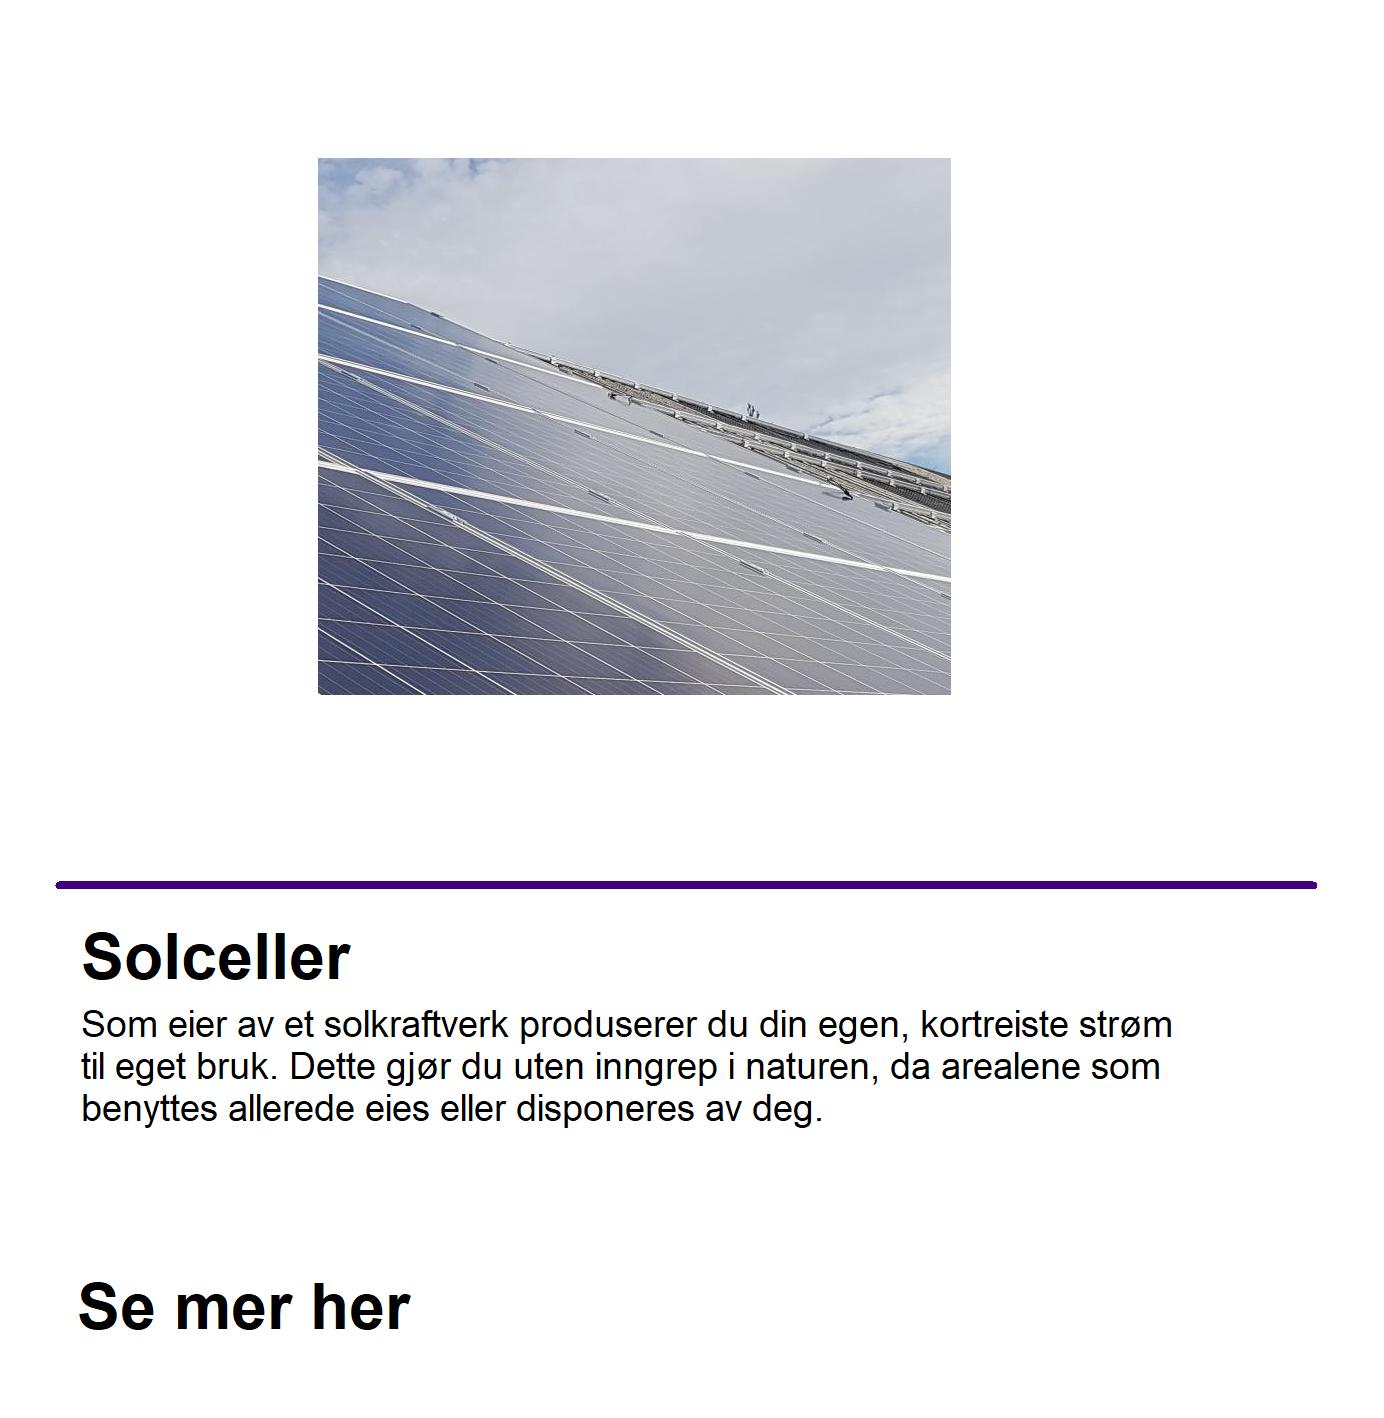 PRODUKT Solceller bilde nr 1.png